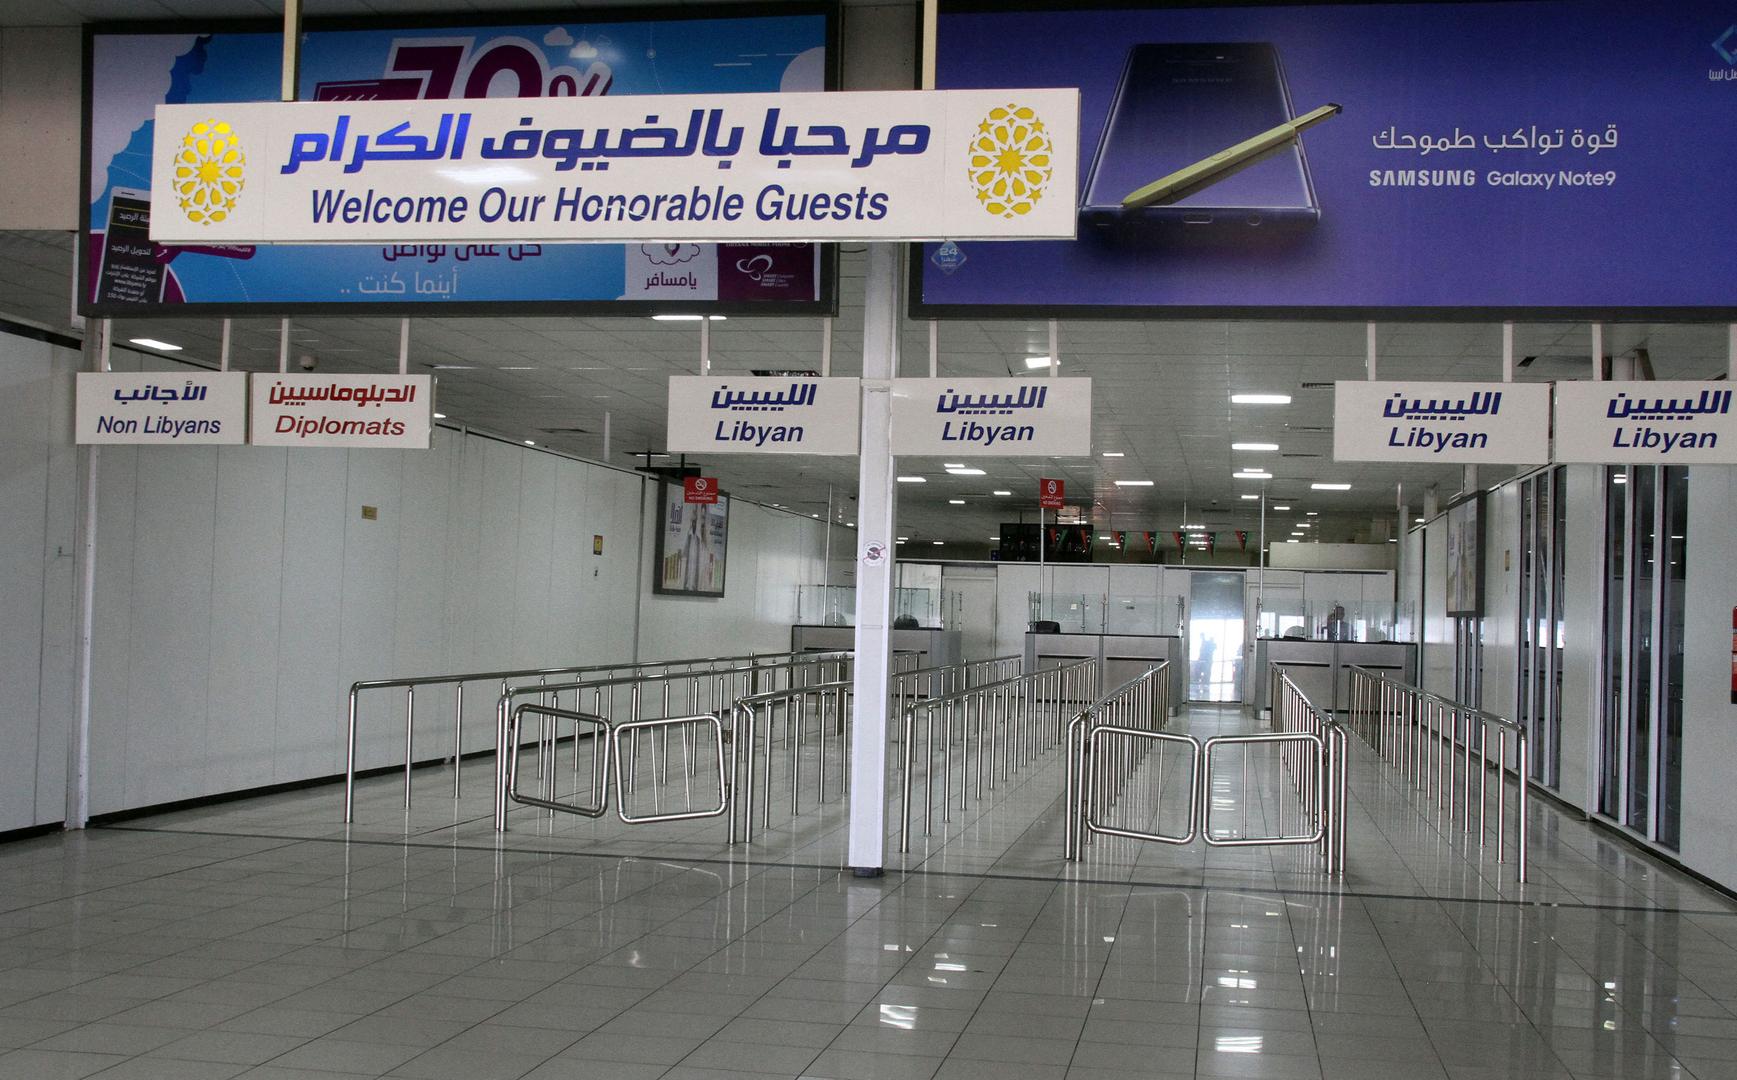 في أول زيارة منذ تولي السلطة التنفيذية الليبية الجديدة.. وفد أمريكي يصل طرابلس